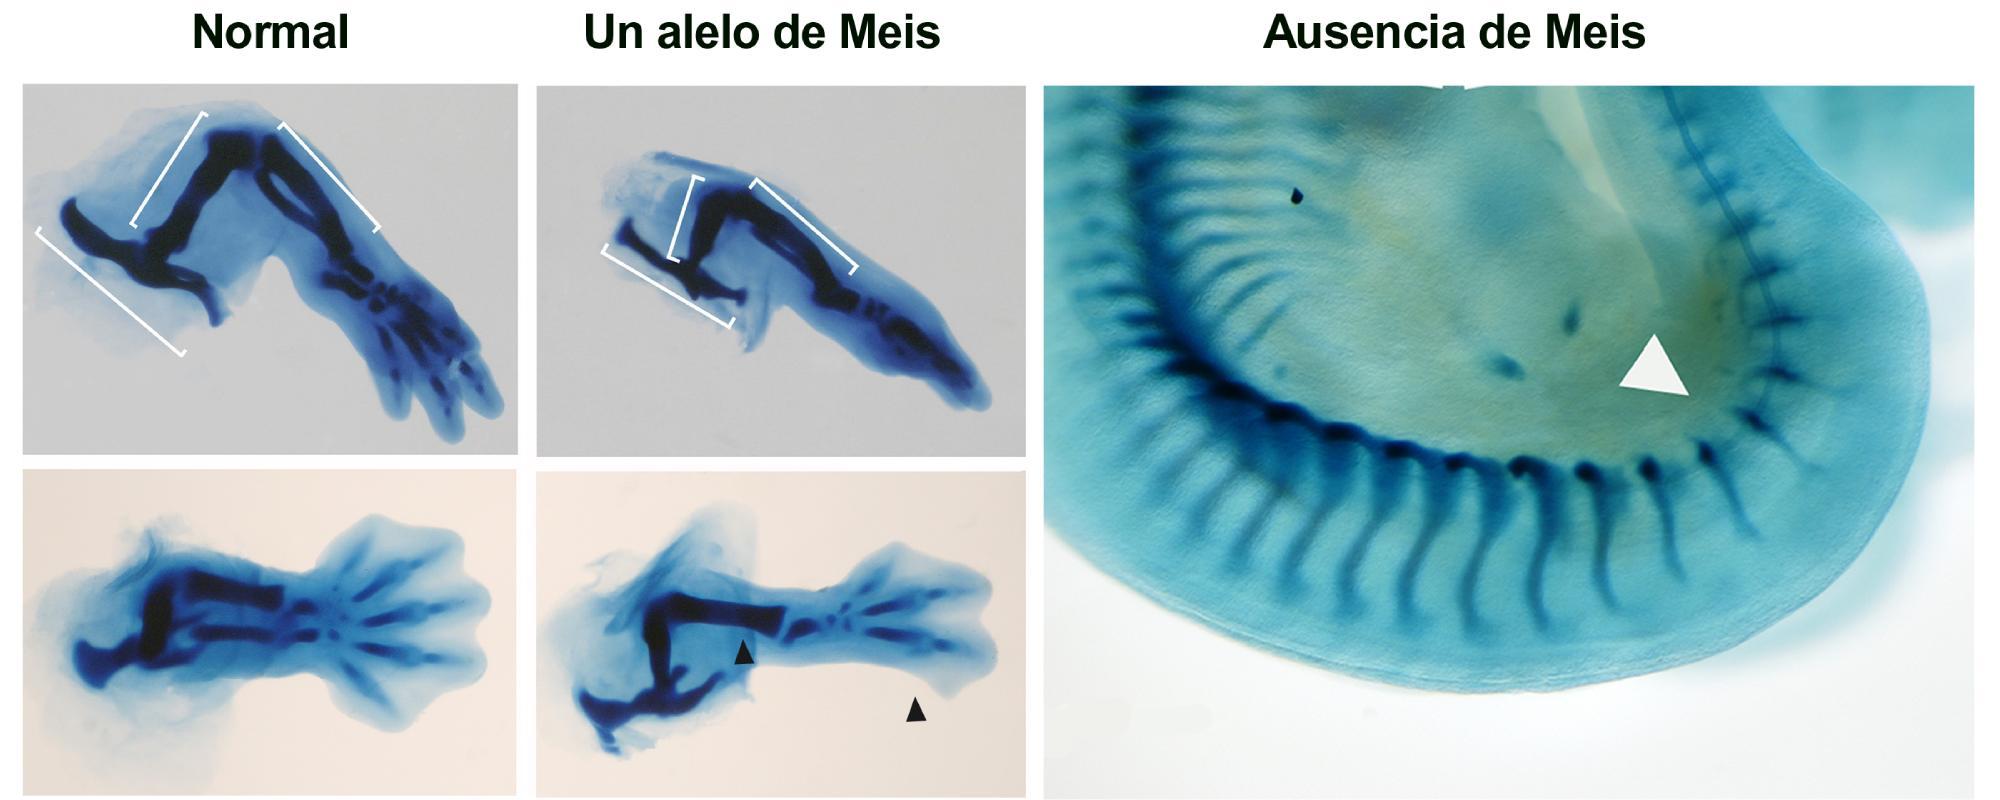 Tinciones esqueléticas de extremidades inferiores en embriones normales, con un alelo o en ausencia total de Meis. Los embriones con una sola copia carecen de peroné y dos dedos posteriores (flechas negras). La ausencia total de Meis resulta en la ausencia de extremidad (flecha blanca).